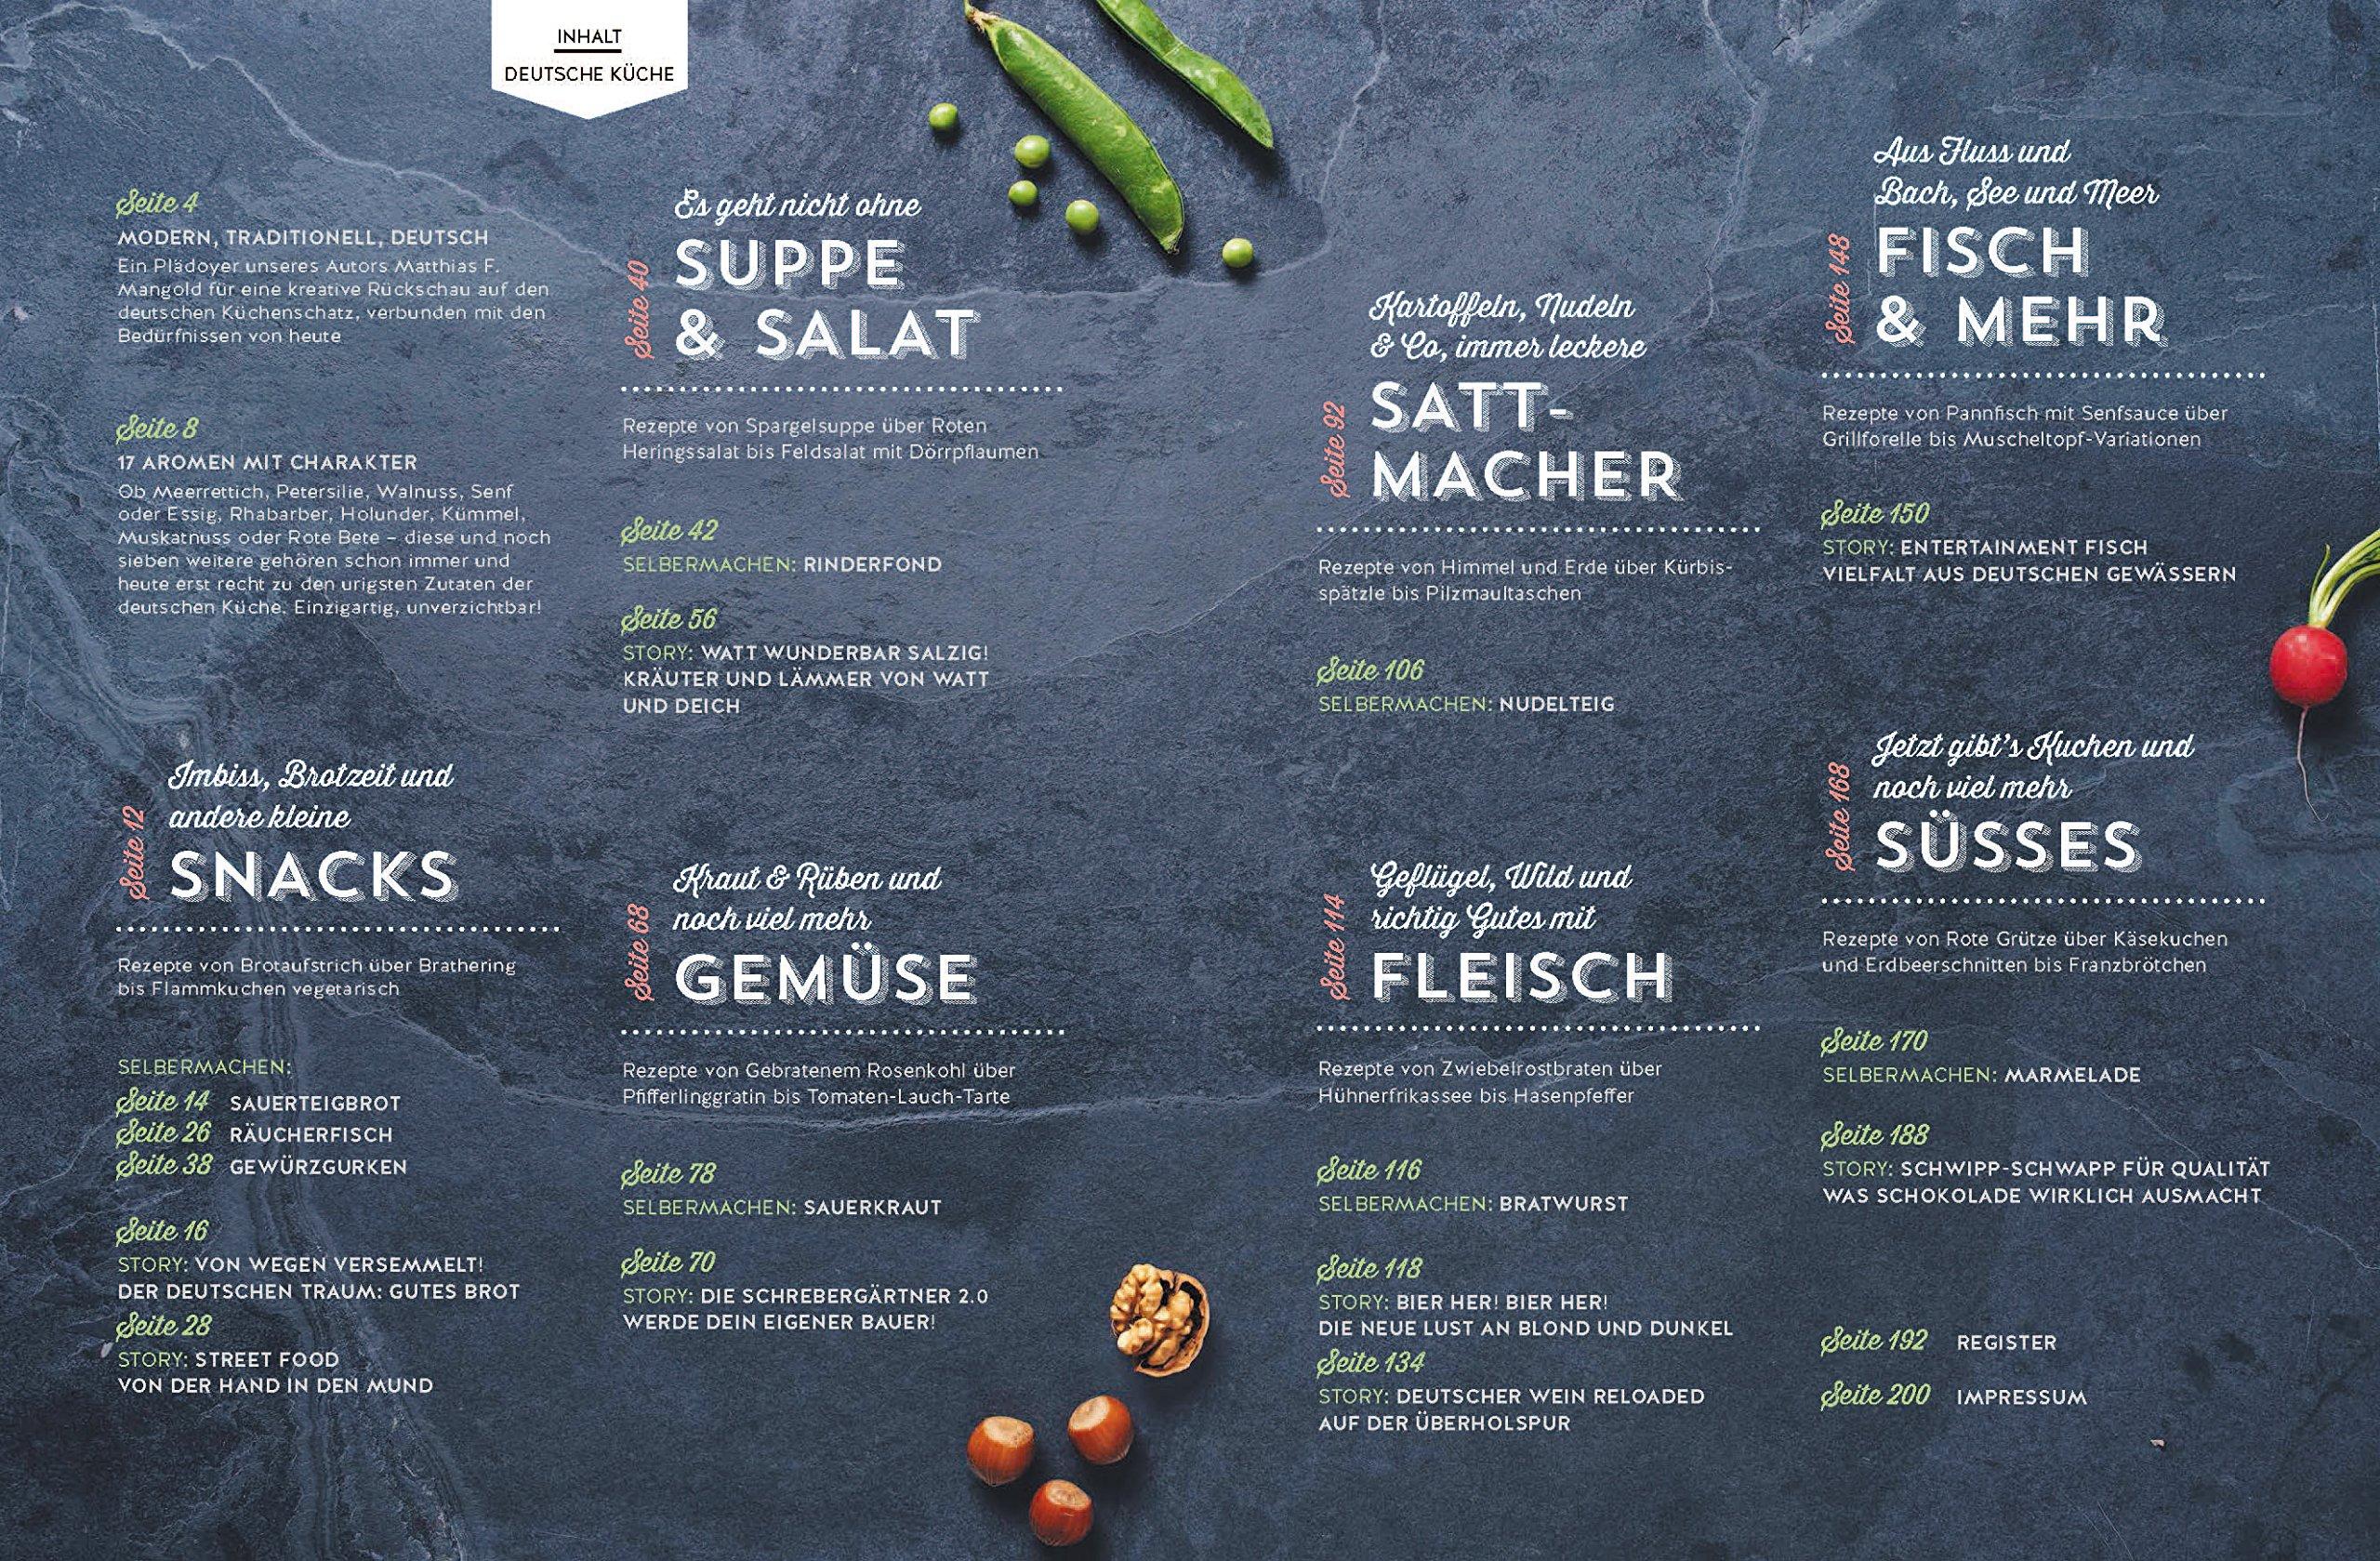 Buch Die Neue Outdoor Küche : Deutsche küche neu entdeckt! gu themenkochbuch : amazon.de